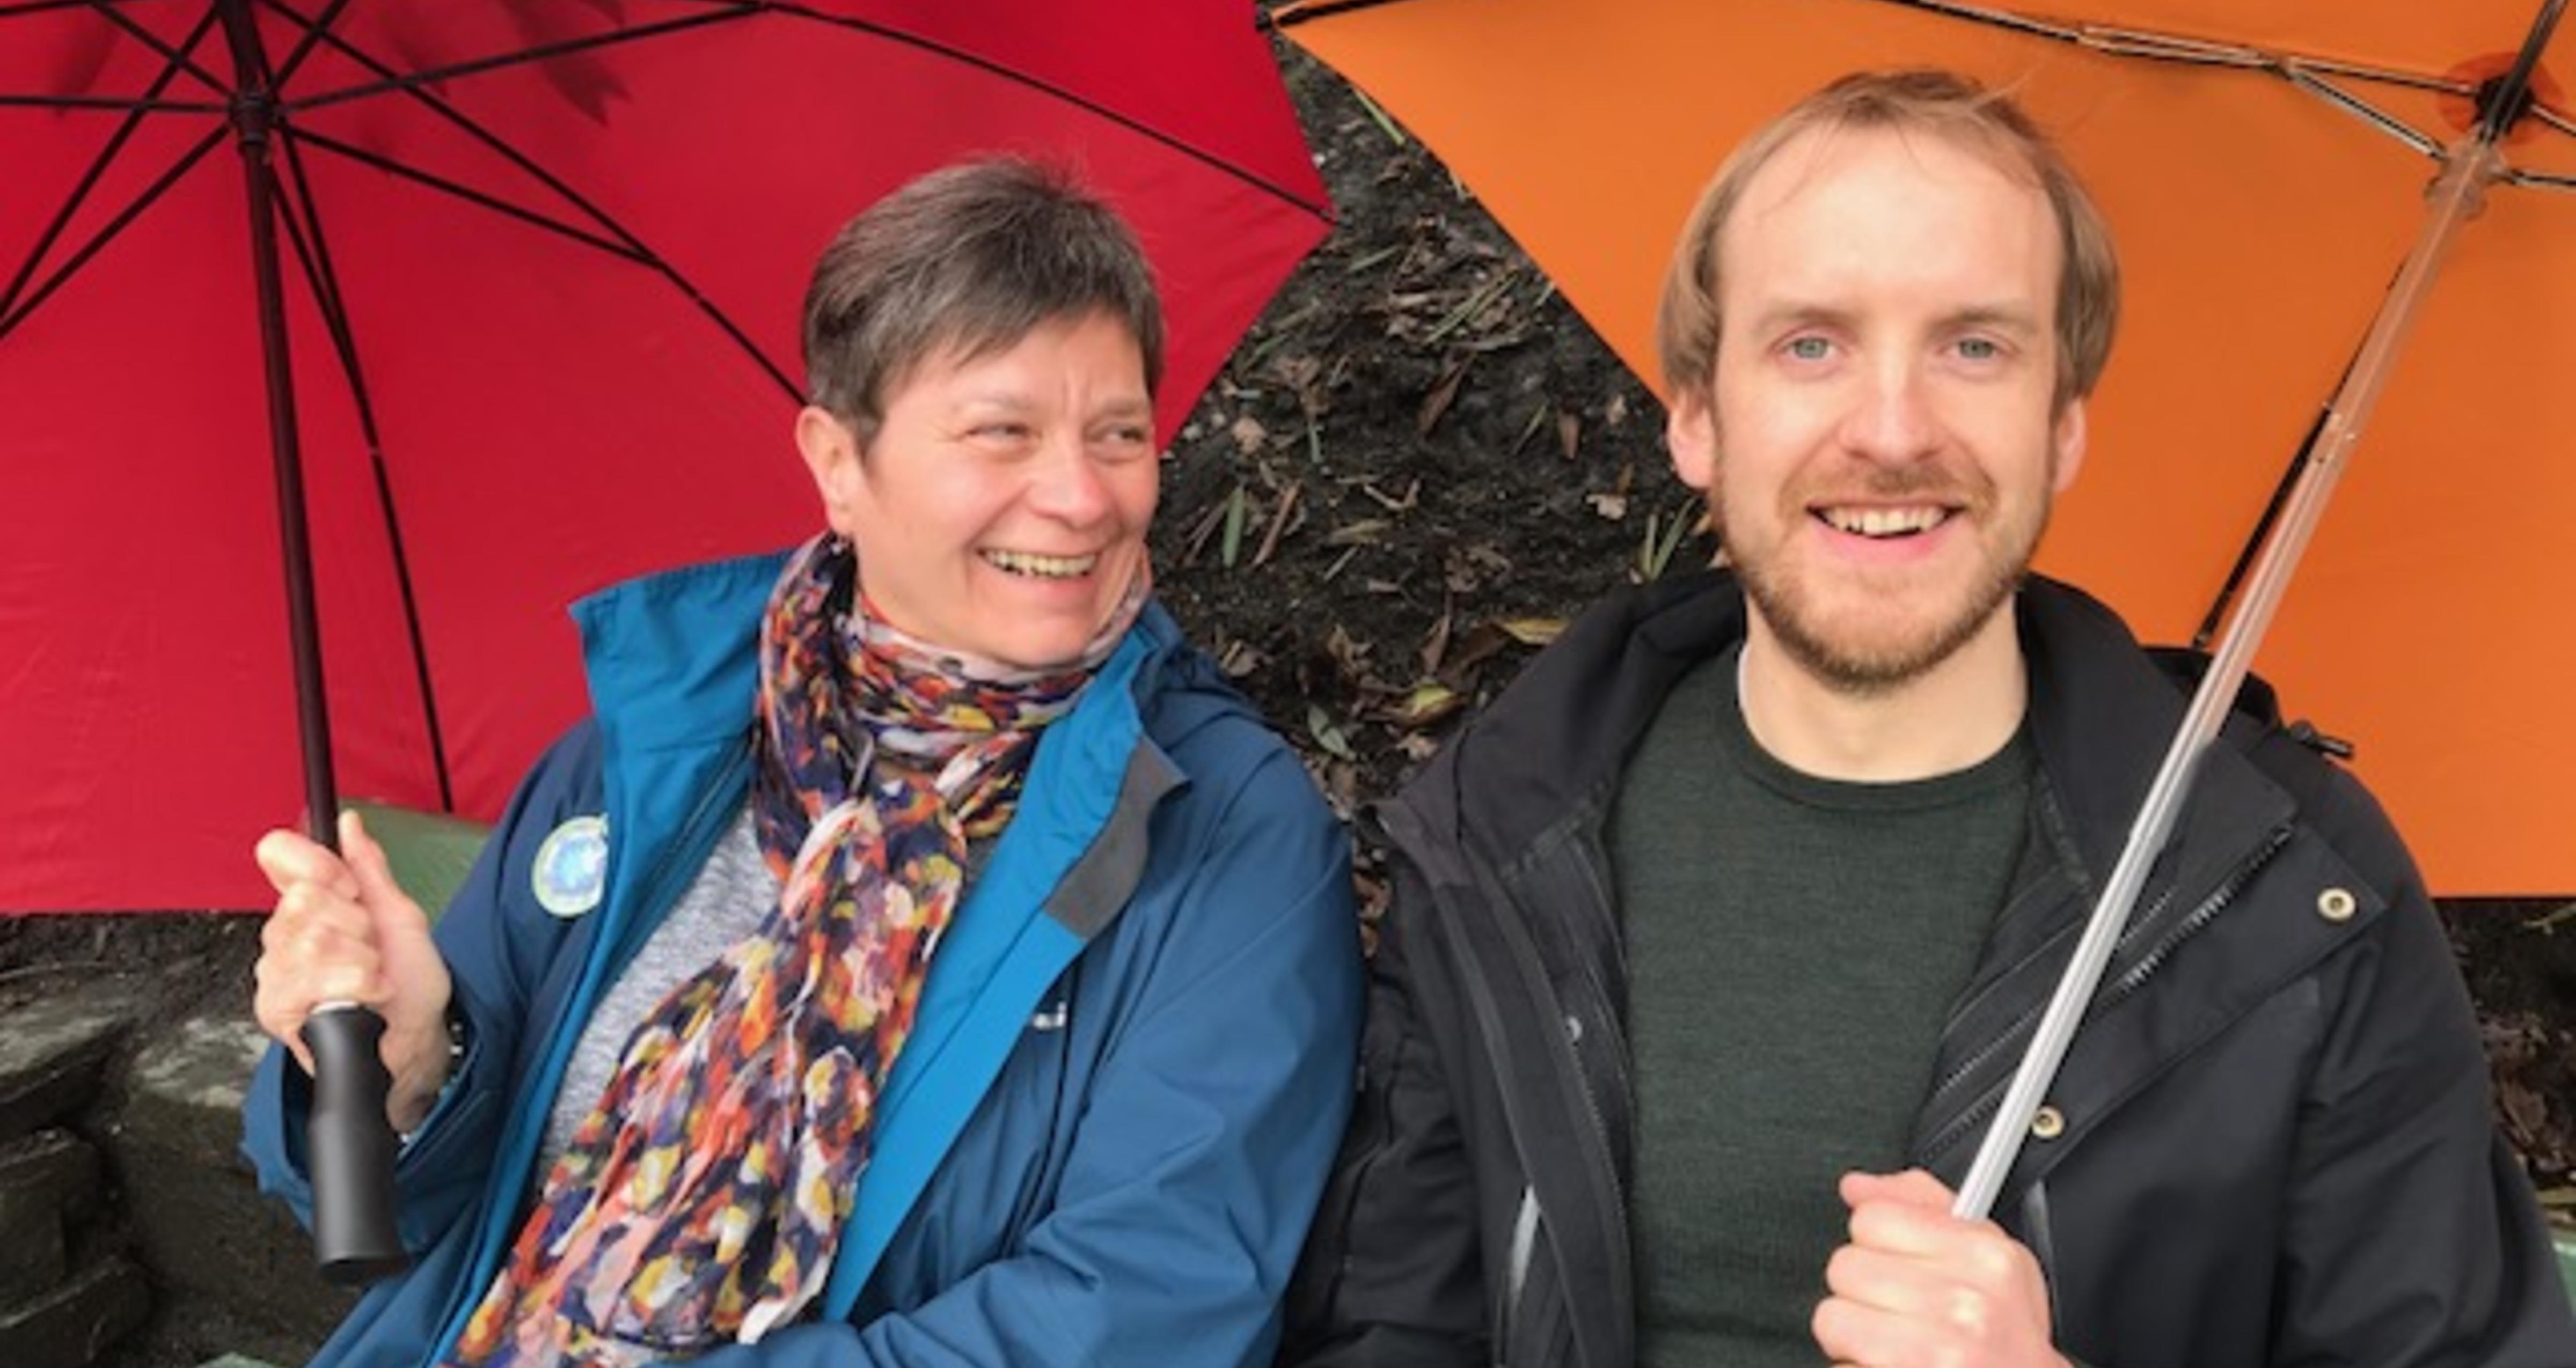 Gisela Böhm and Rouven Doran